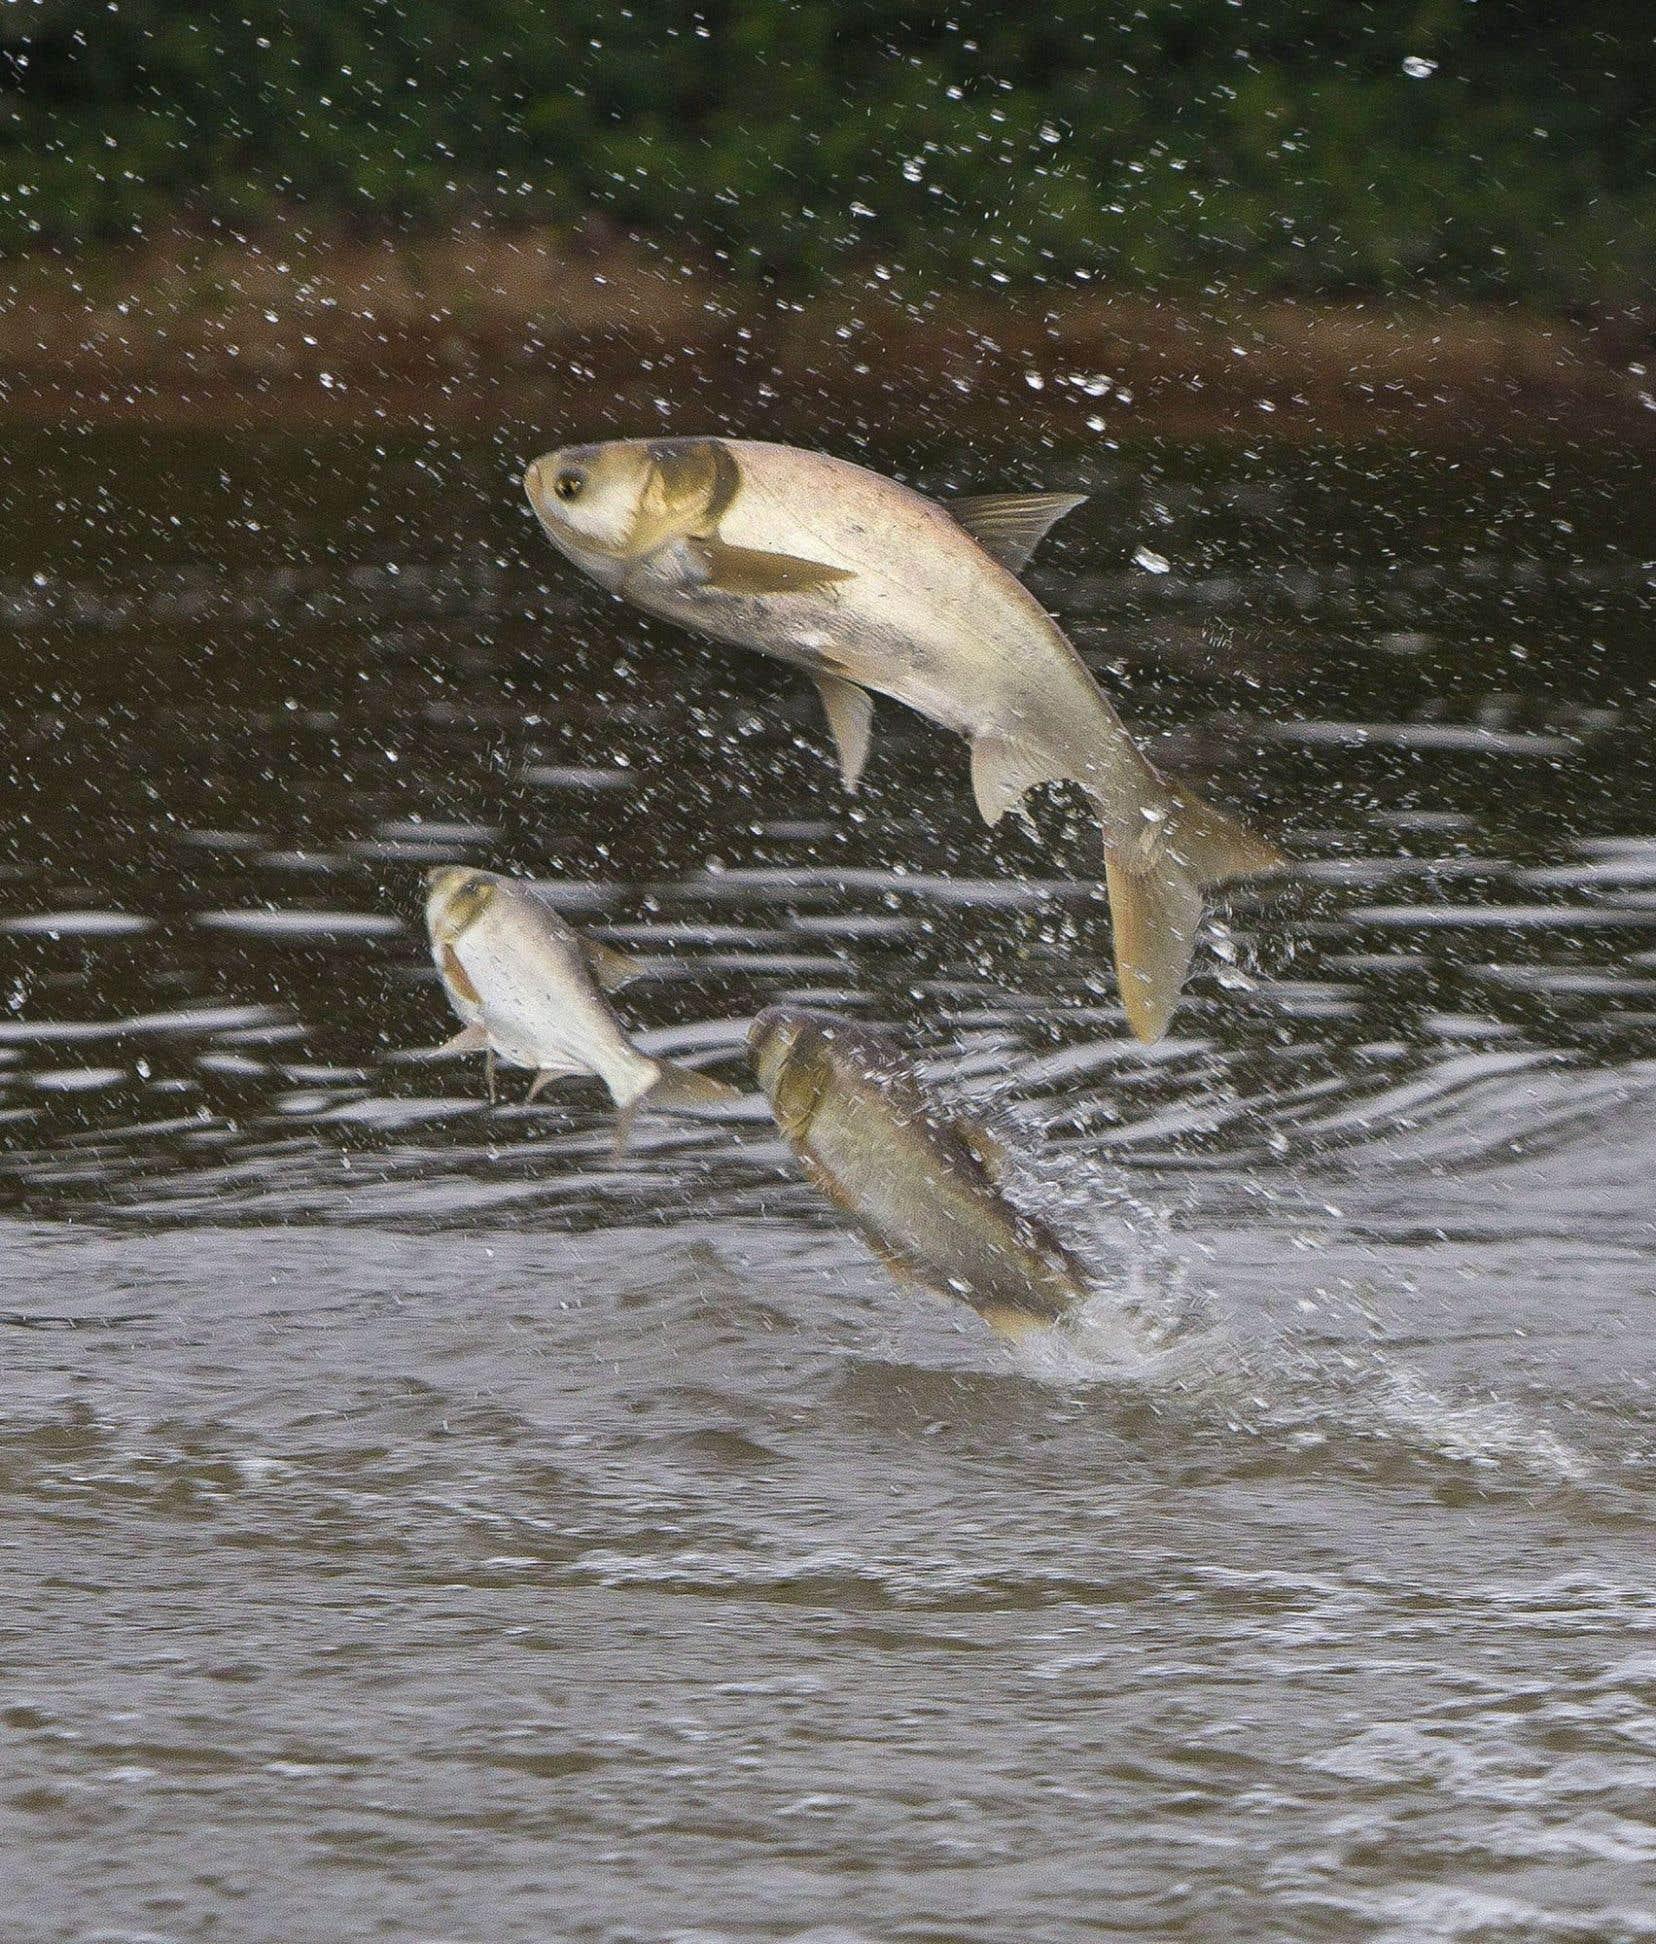 La carpe argentée a annihilé d'autres espèces de poisson dans certains cours d'eau aux États-Unis.